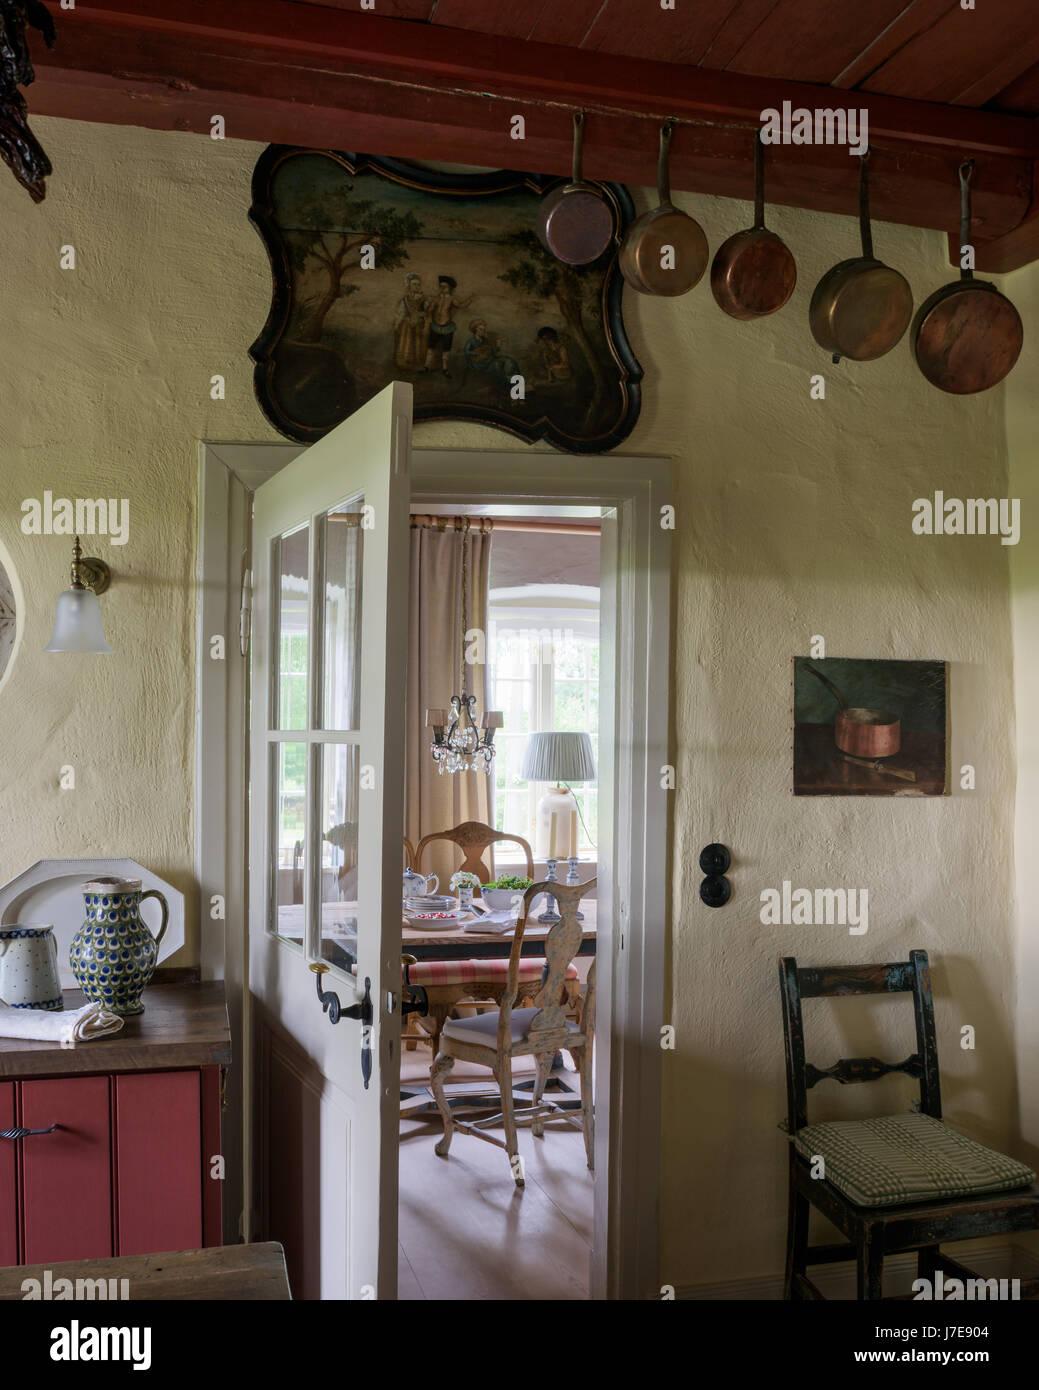 Farmhouse Kitchen House Stockfotos & Farmhouse Kitchen House Bilder ...